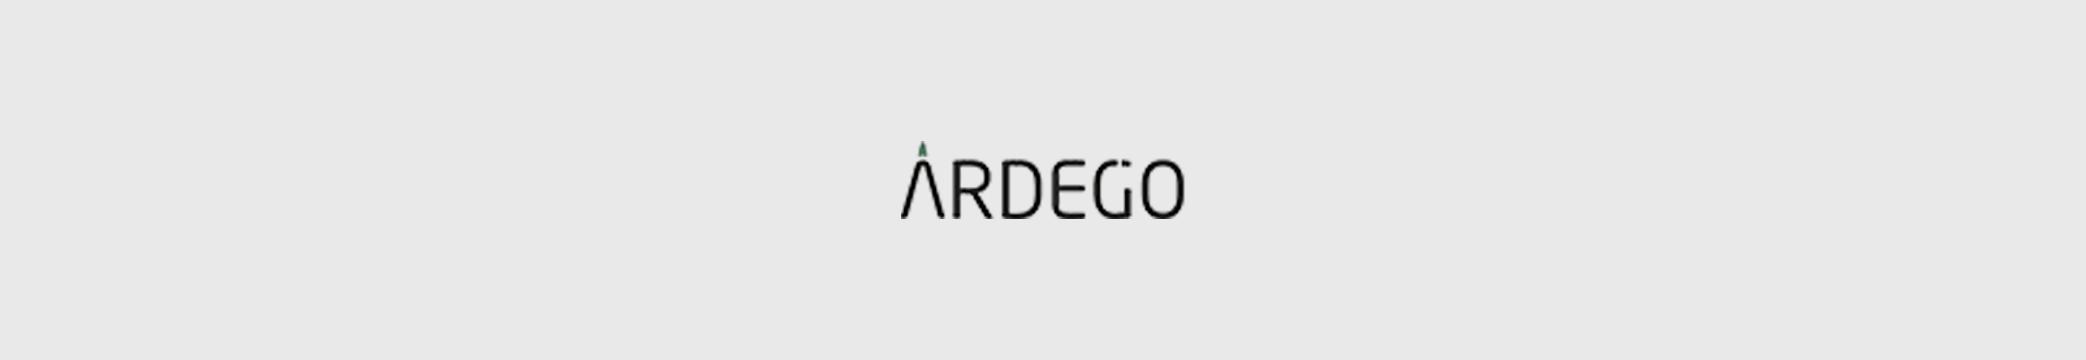 Ardego